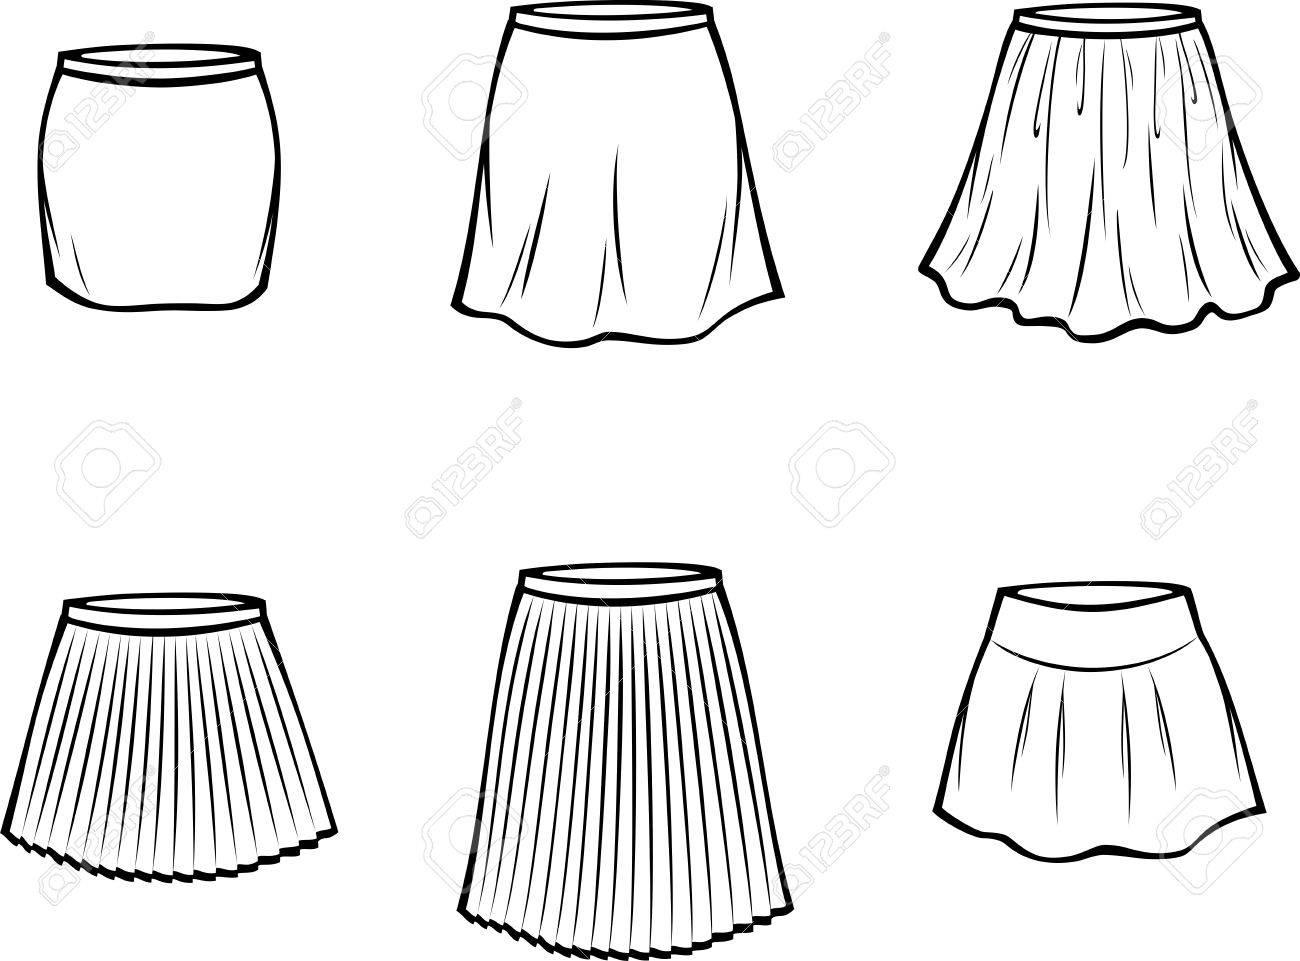 女性のスカートのベクター イラストですカジュアルな服のイラスト素材